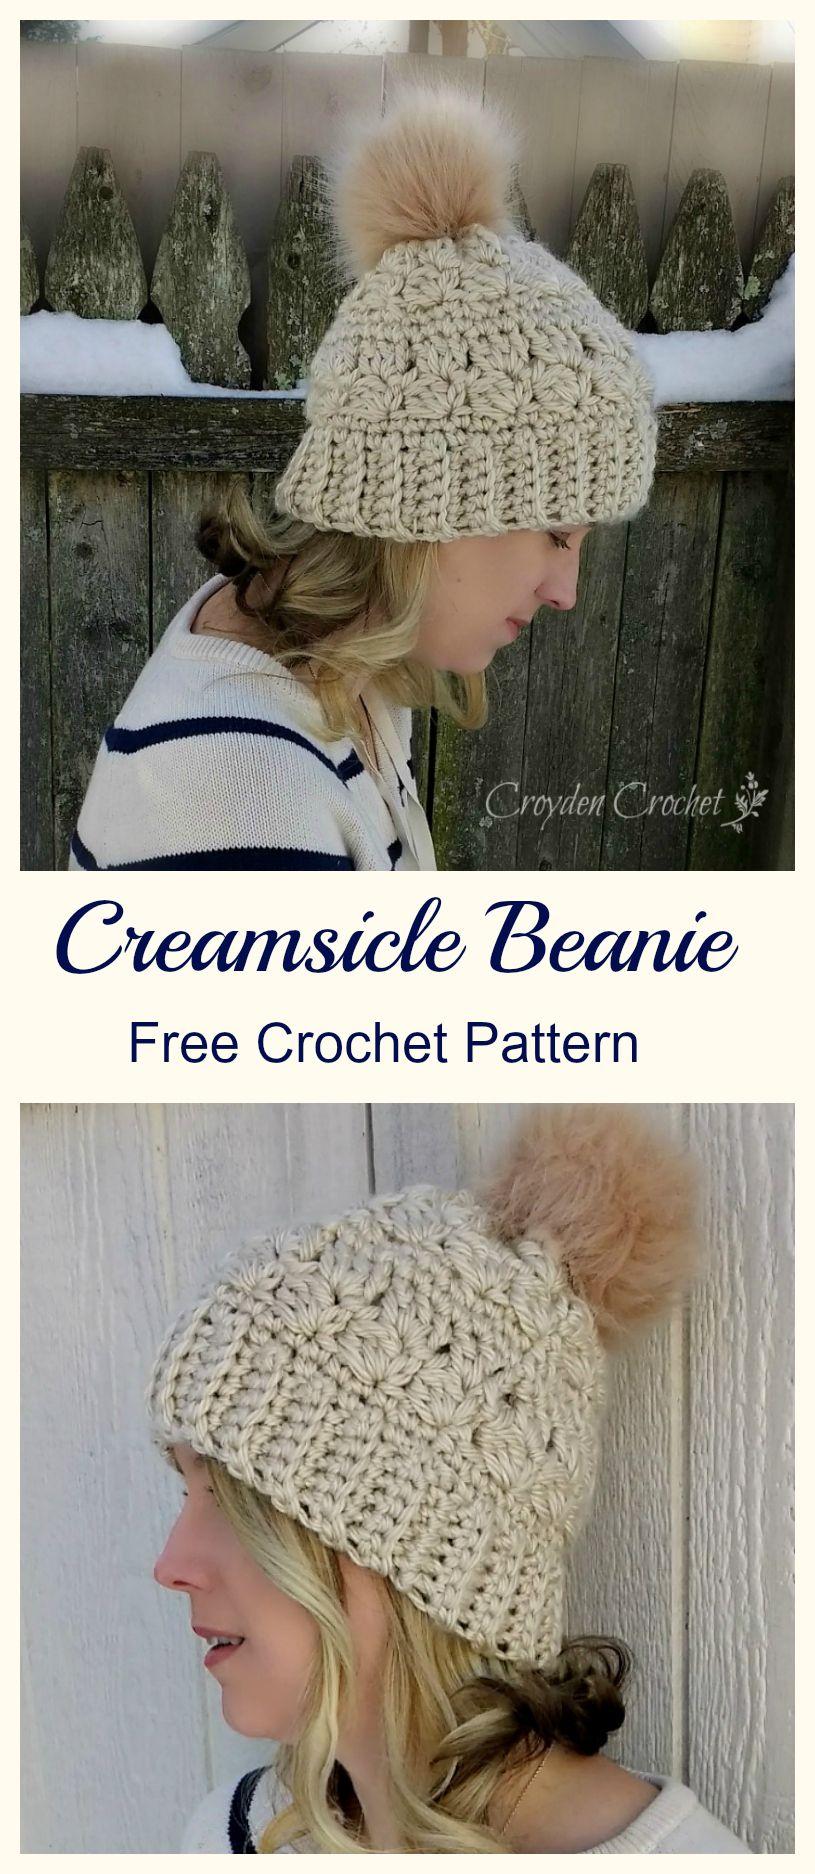 Creamsicle Beanie | Häkelmuster, Stricken und Häkeln